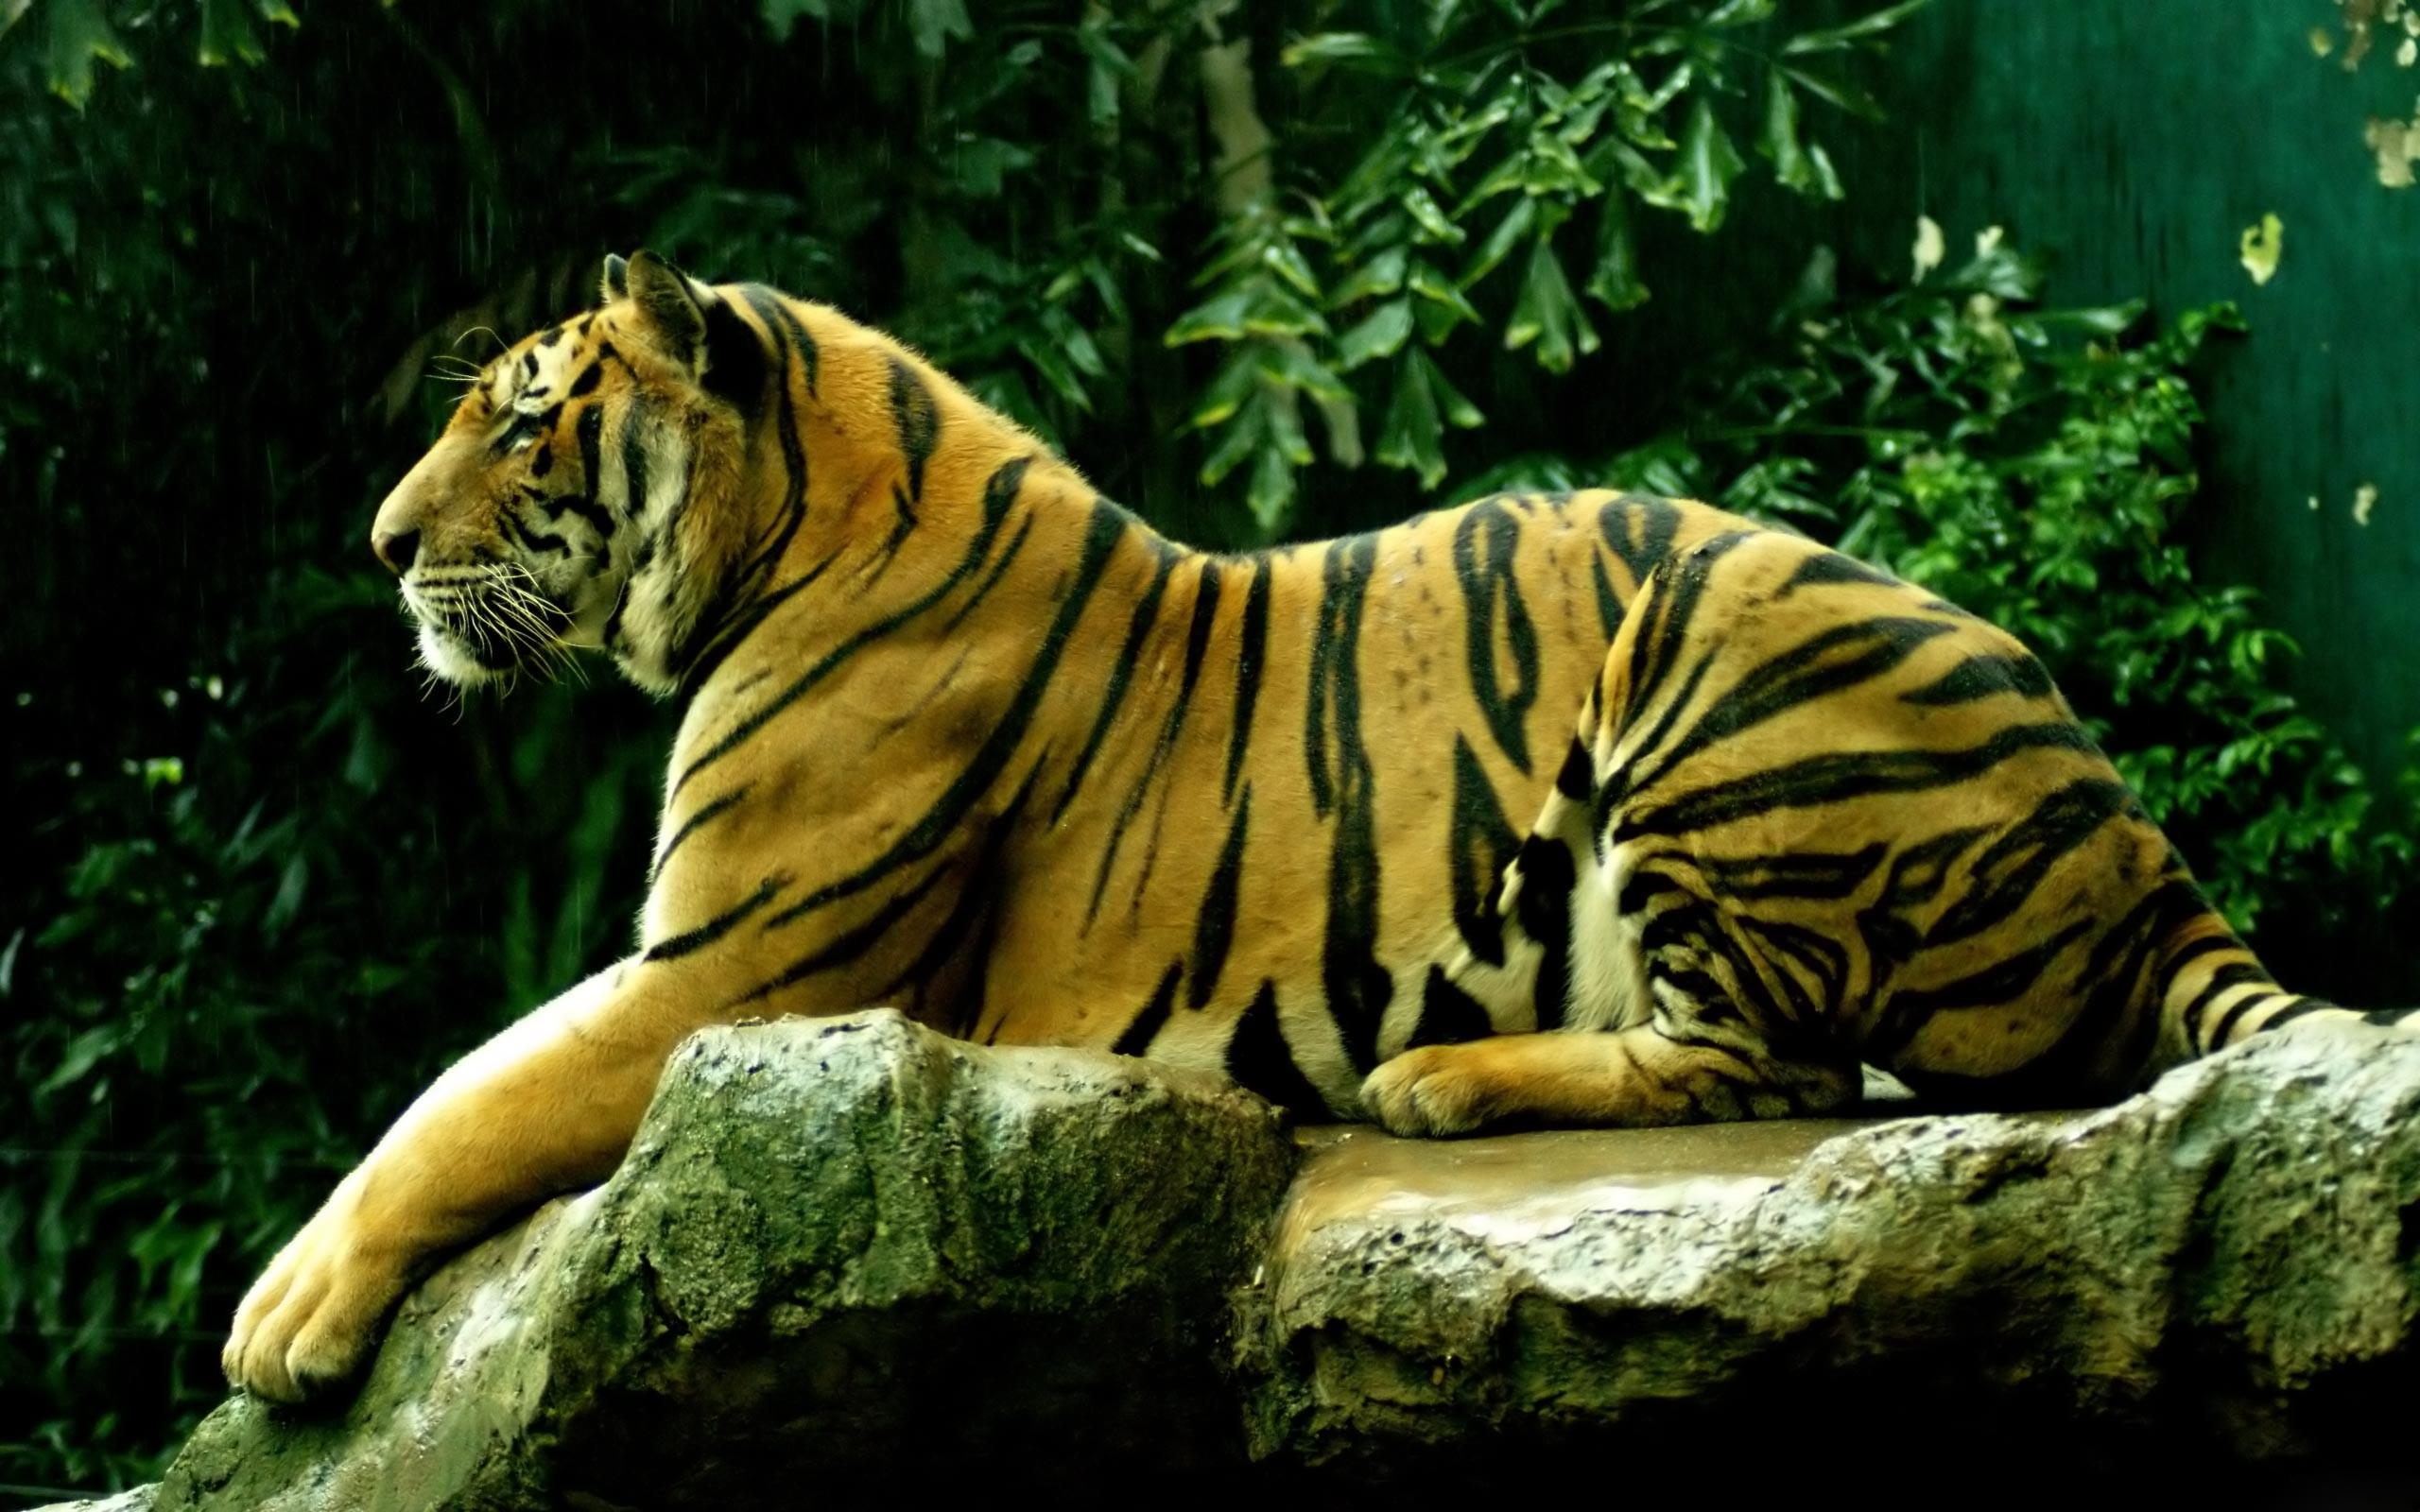 high definition wallpaper   Animals HD Wallpaper Royal Bengal tiger 300×187  Animals HD Wallpaper .